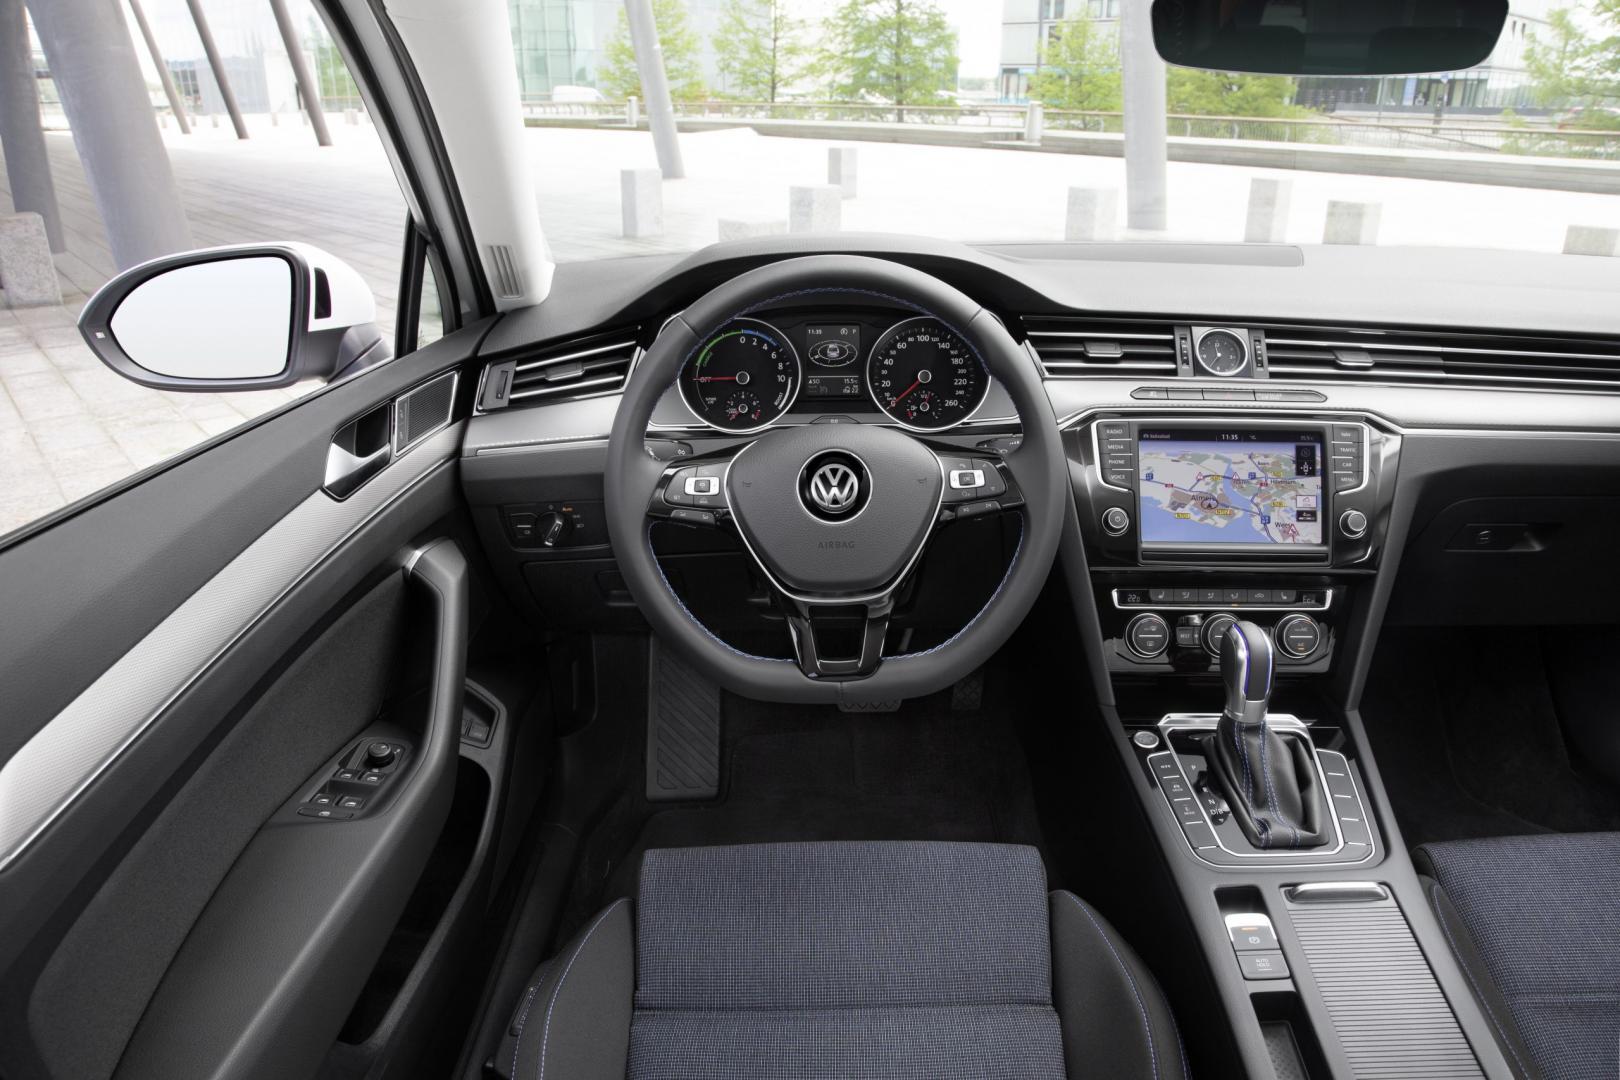 Volkswagen Passat GTE 2015 interieur